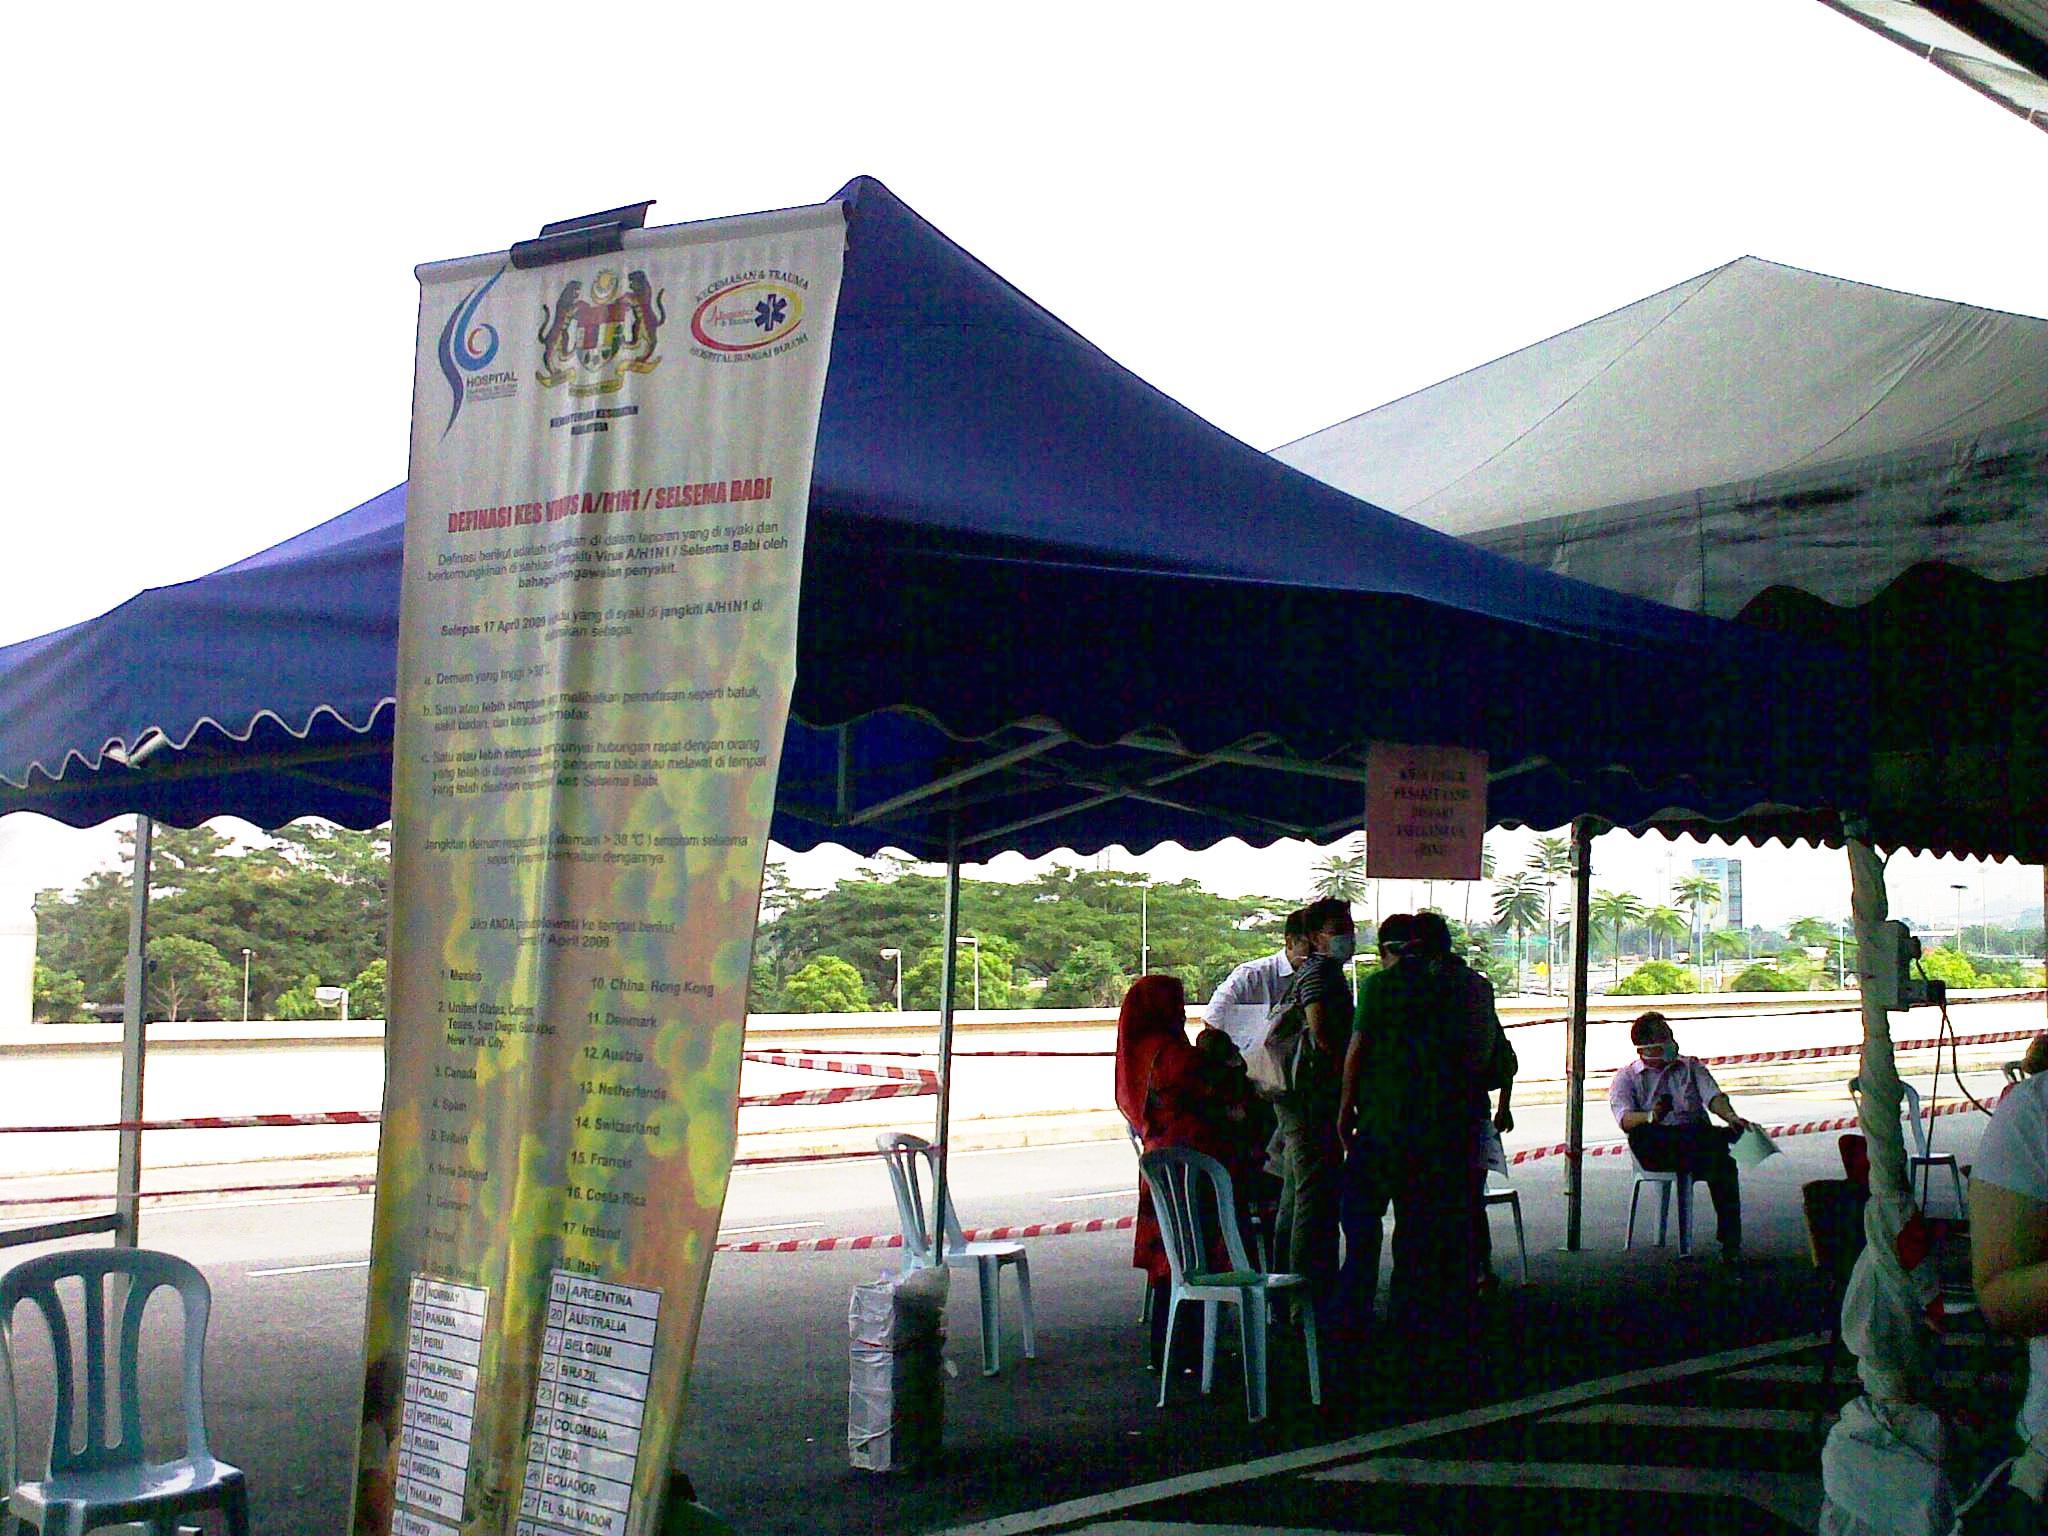 H1N1 tent